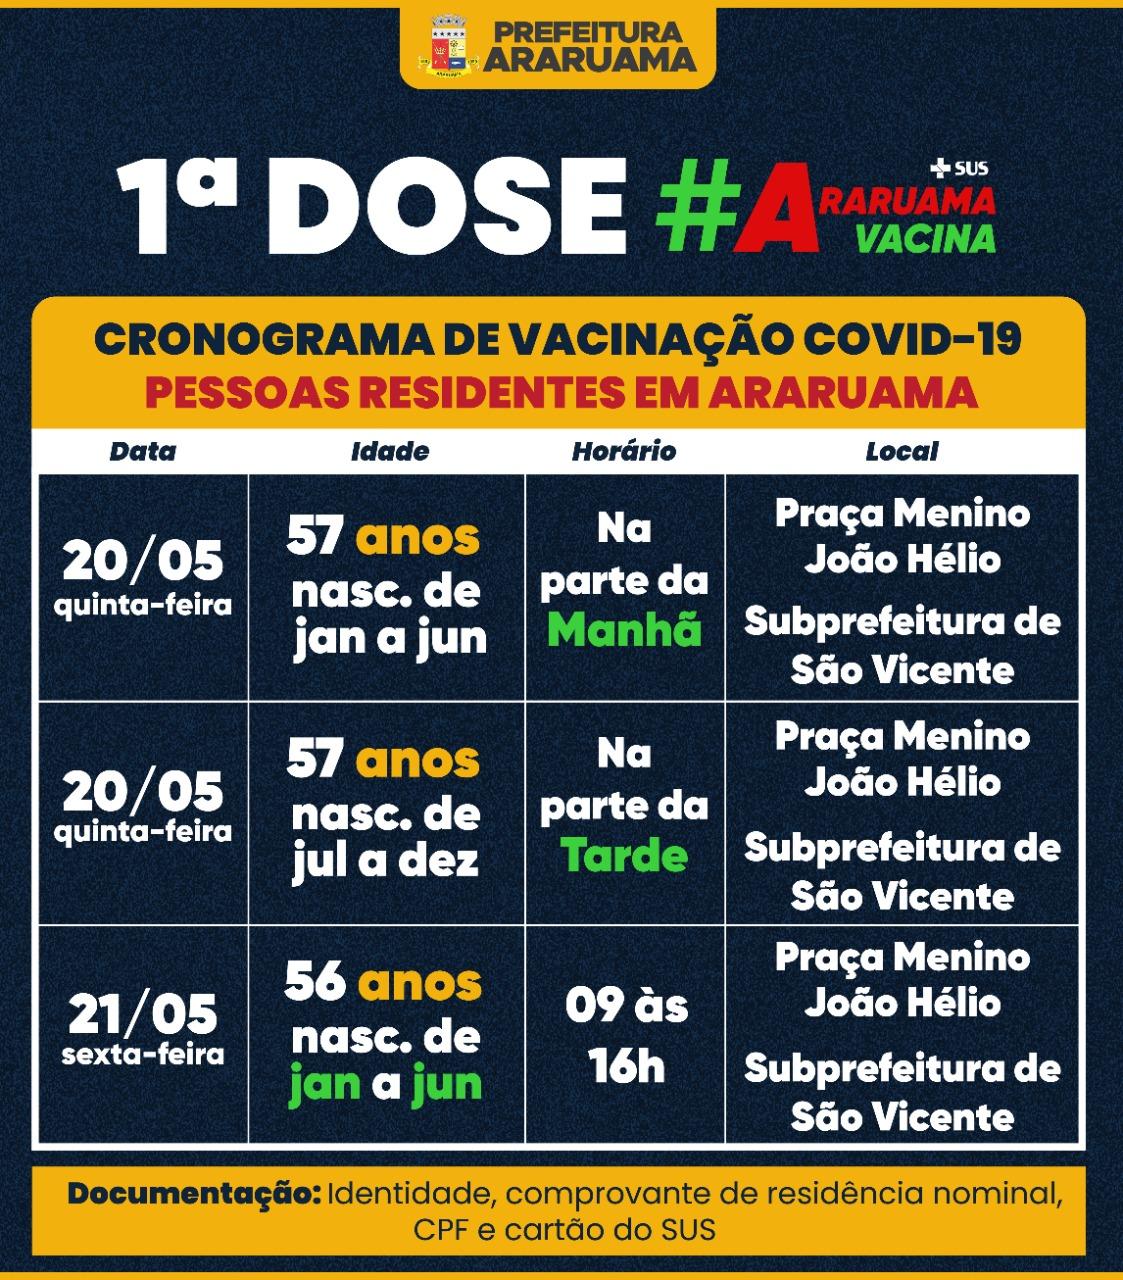 Prefeitura de Araruama retoma vacinação contra a Covid-19 por ordem de idade